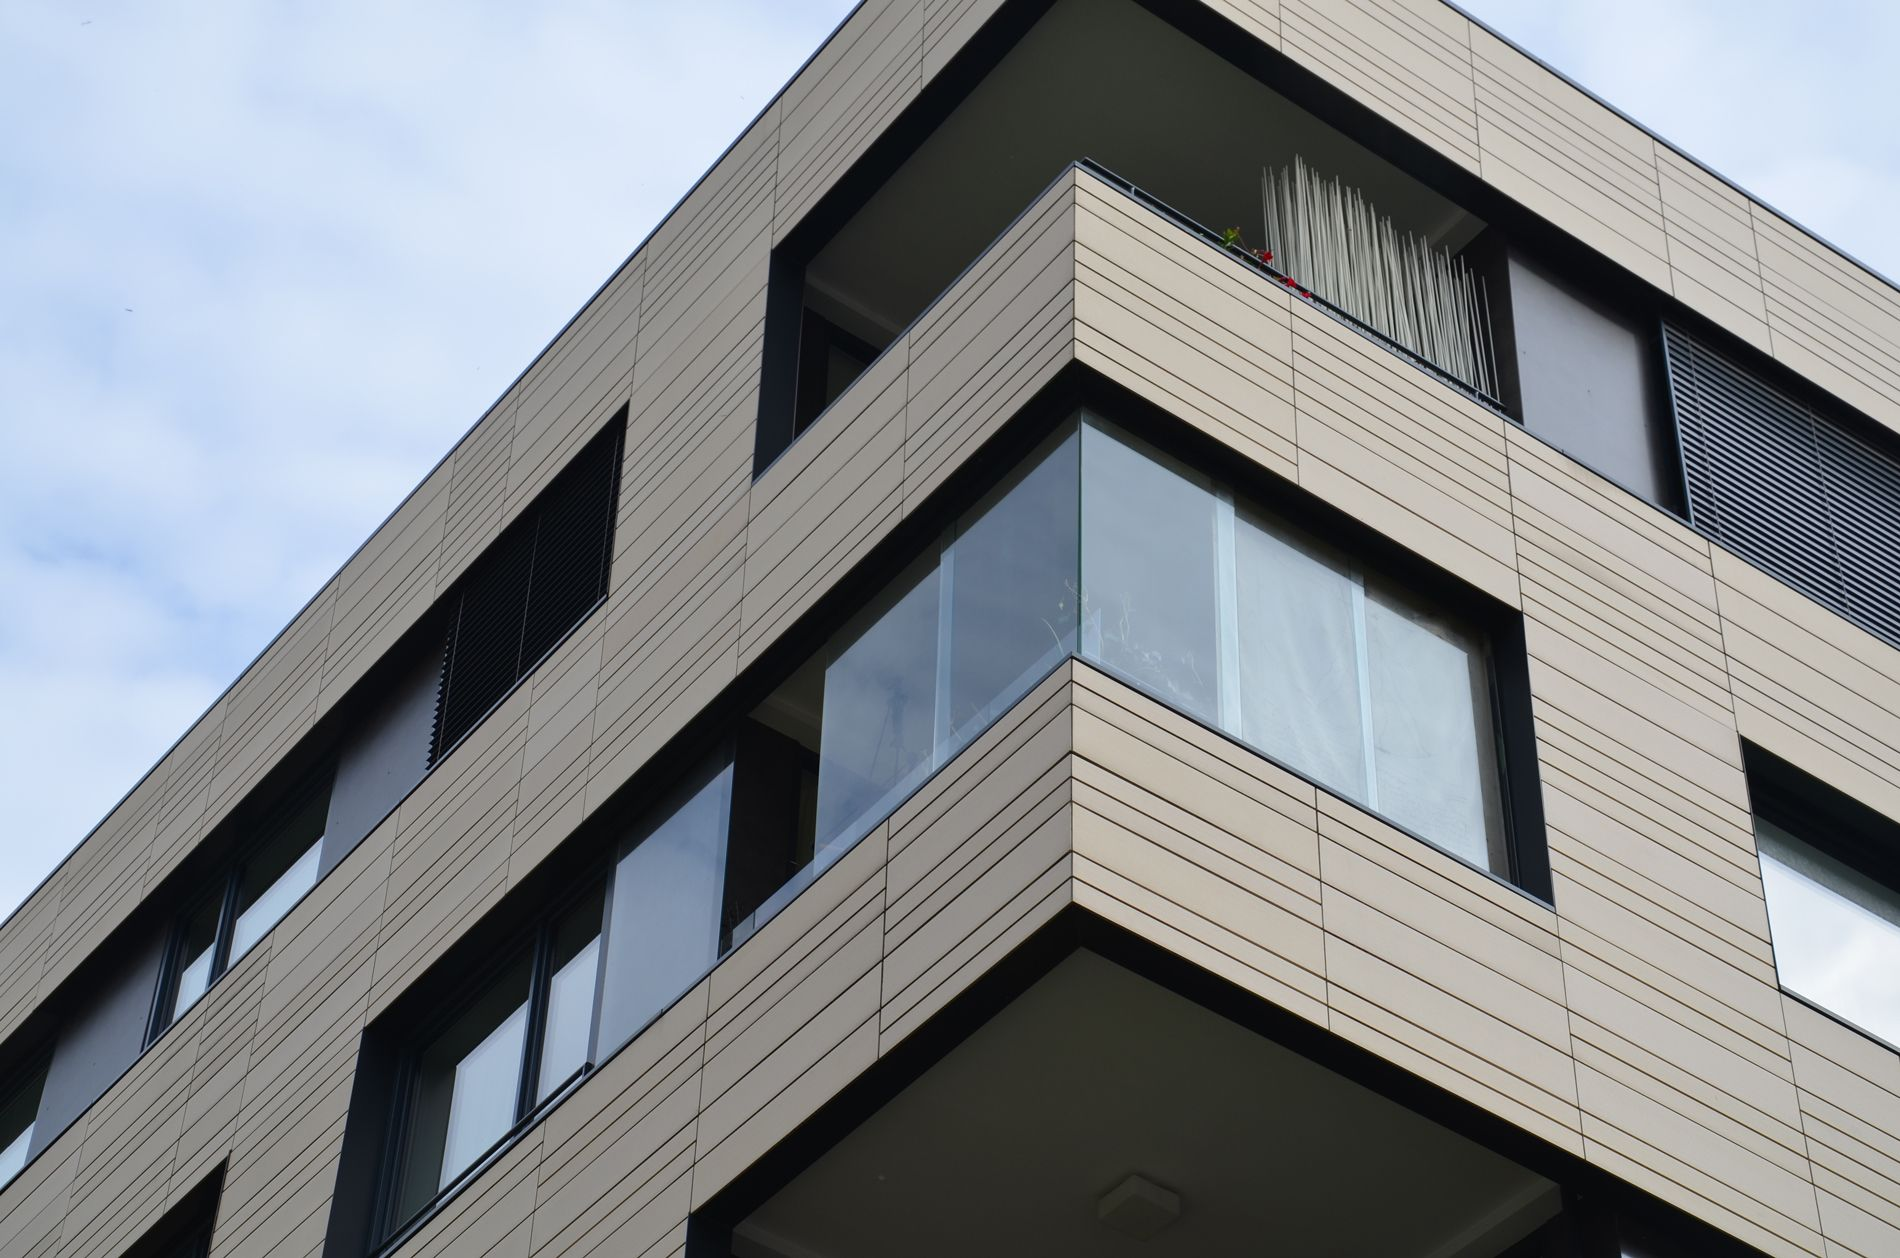 Windschutz Glas schiebbar – Wintergarten Schmidinger